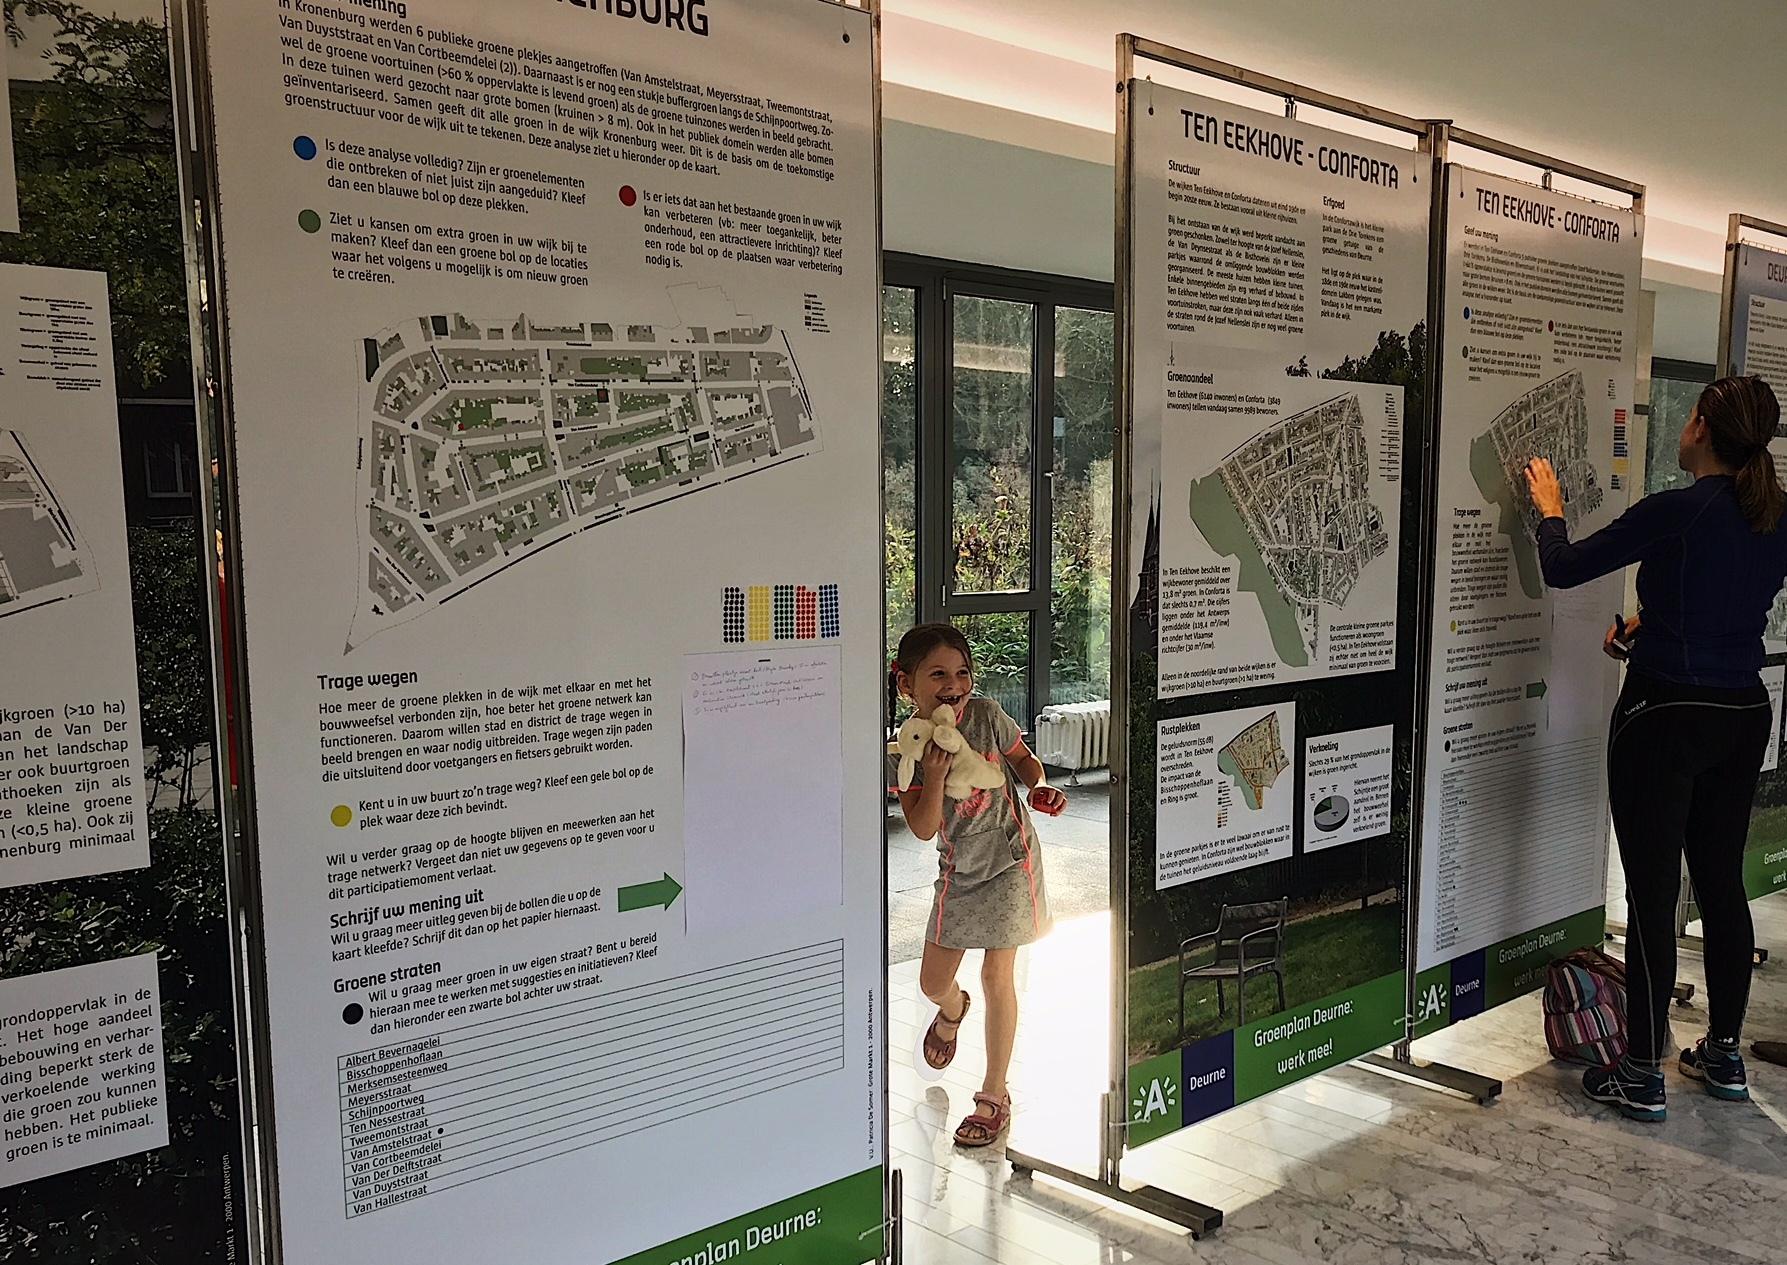 Sfeerbeeld van de info- en participatietentoonstelling in de beginfase van de opmaak van het Groenplan Deurne, in oktober 2017.